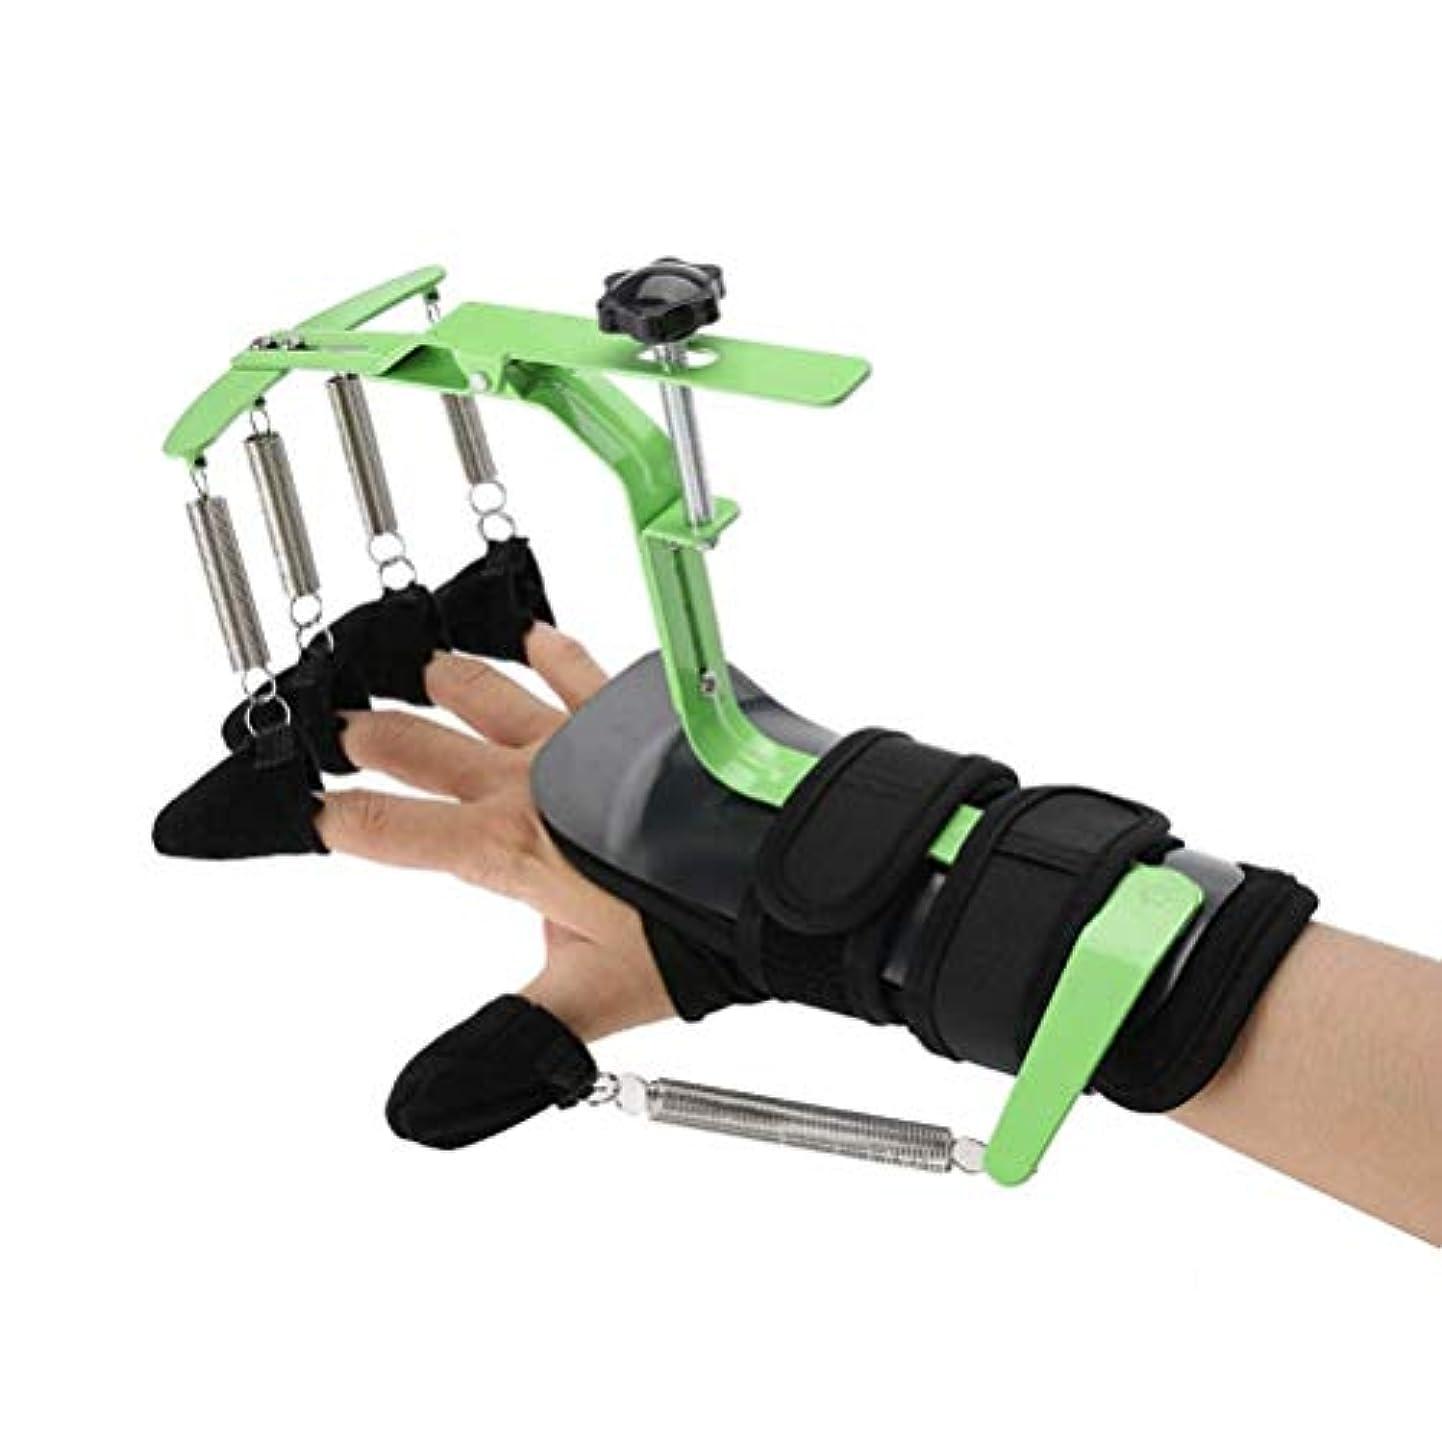 過敏なゲインセイ集まる指の変形や破損指ナックル固定化、指矯正ブレースガードプロテクターリハビリトレーニングデバイス動的フィンガースプリントのために指のトレーニングデバイスフィンガースプリント